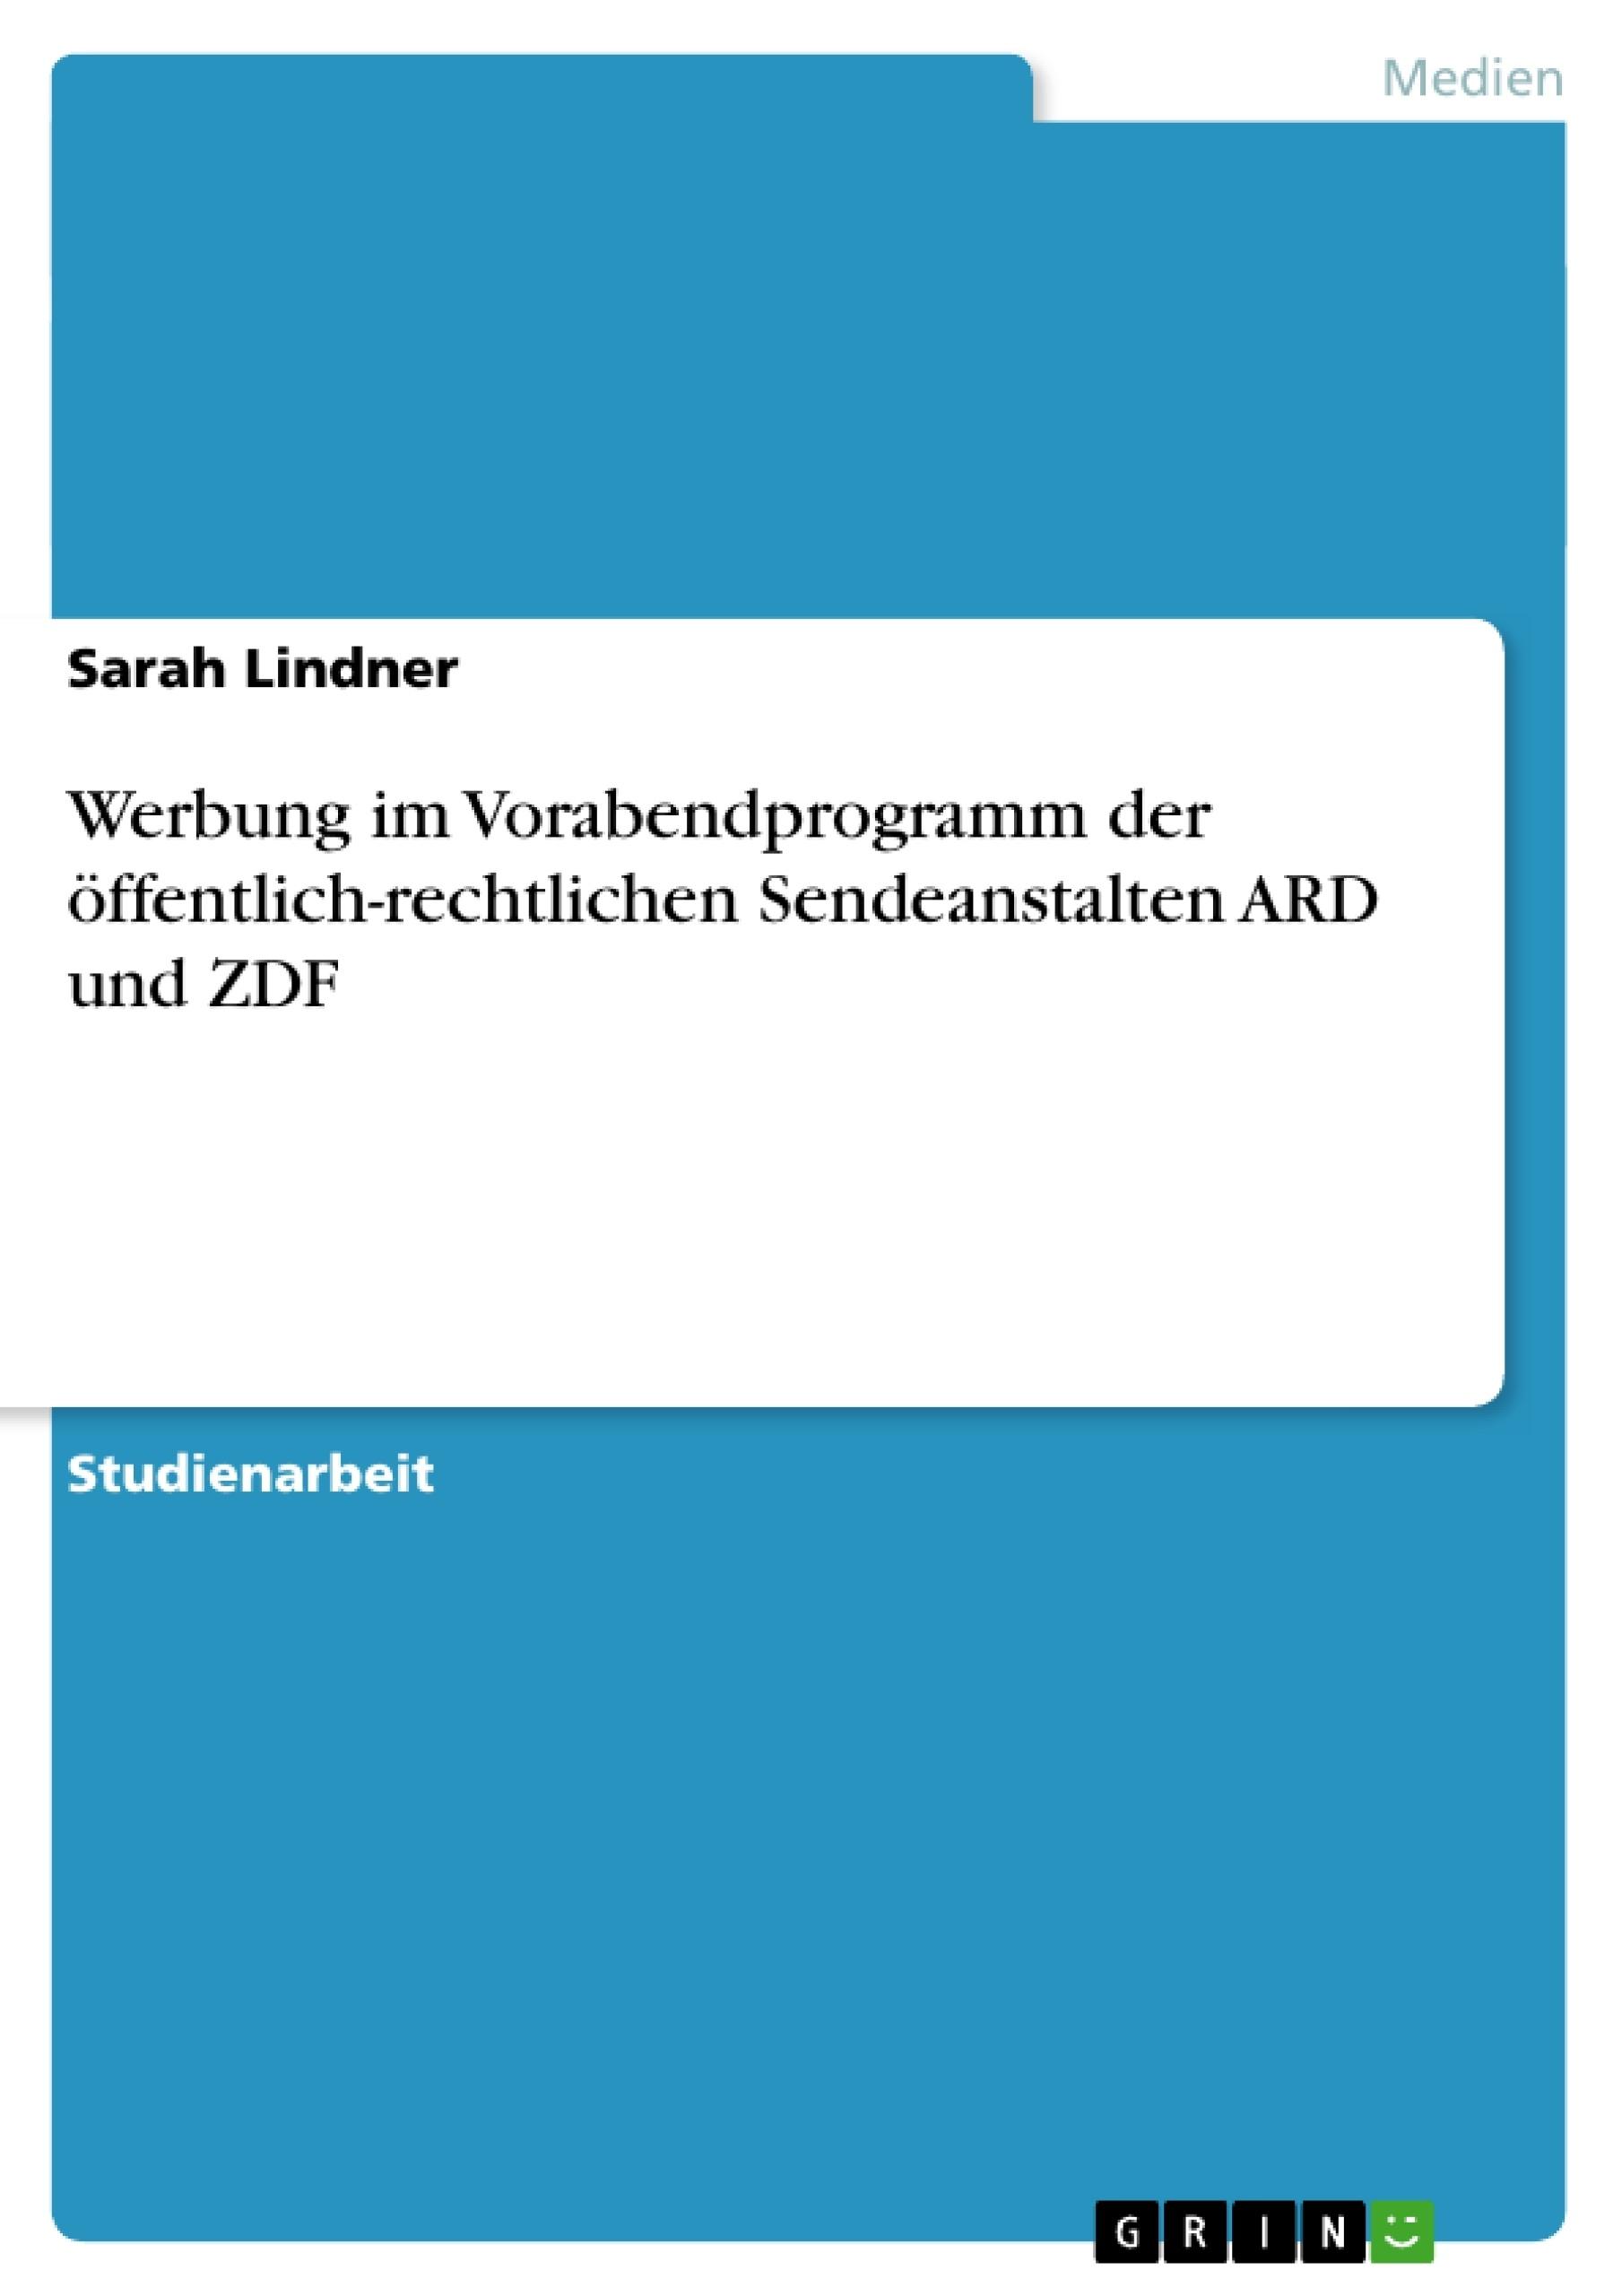 Titel: Werbung im Vorabendprogramm der öffentlich-rechtlichen Sendeanstalten ARD und ZDF